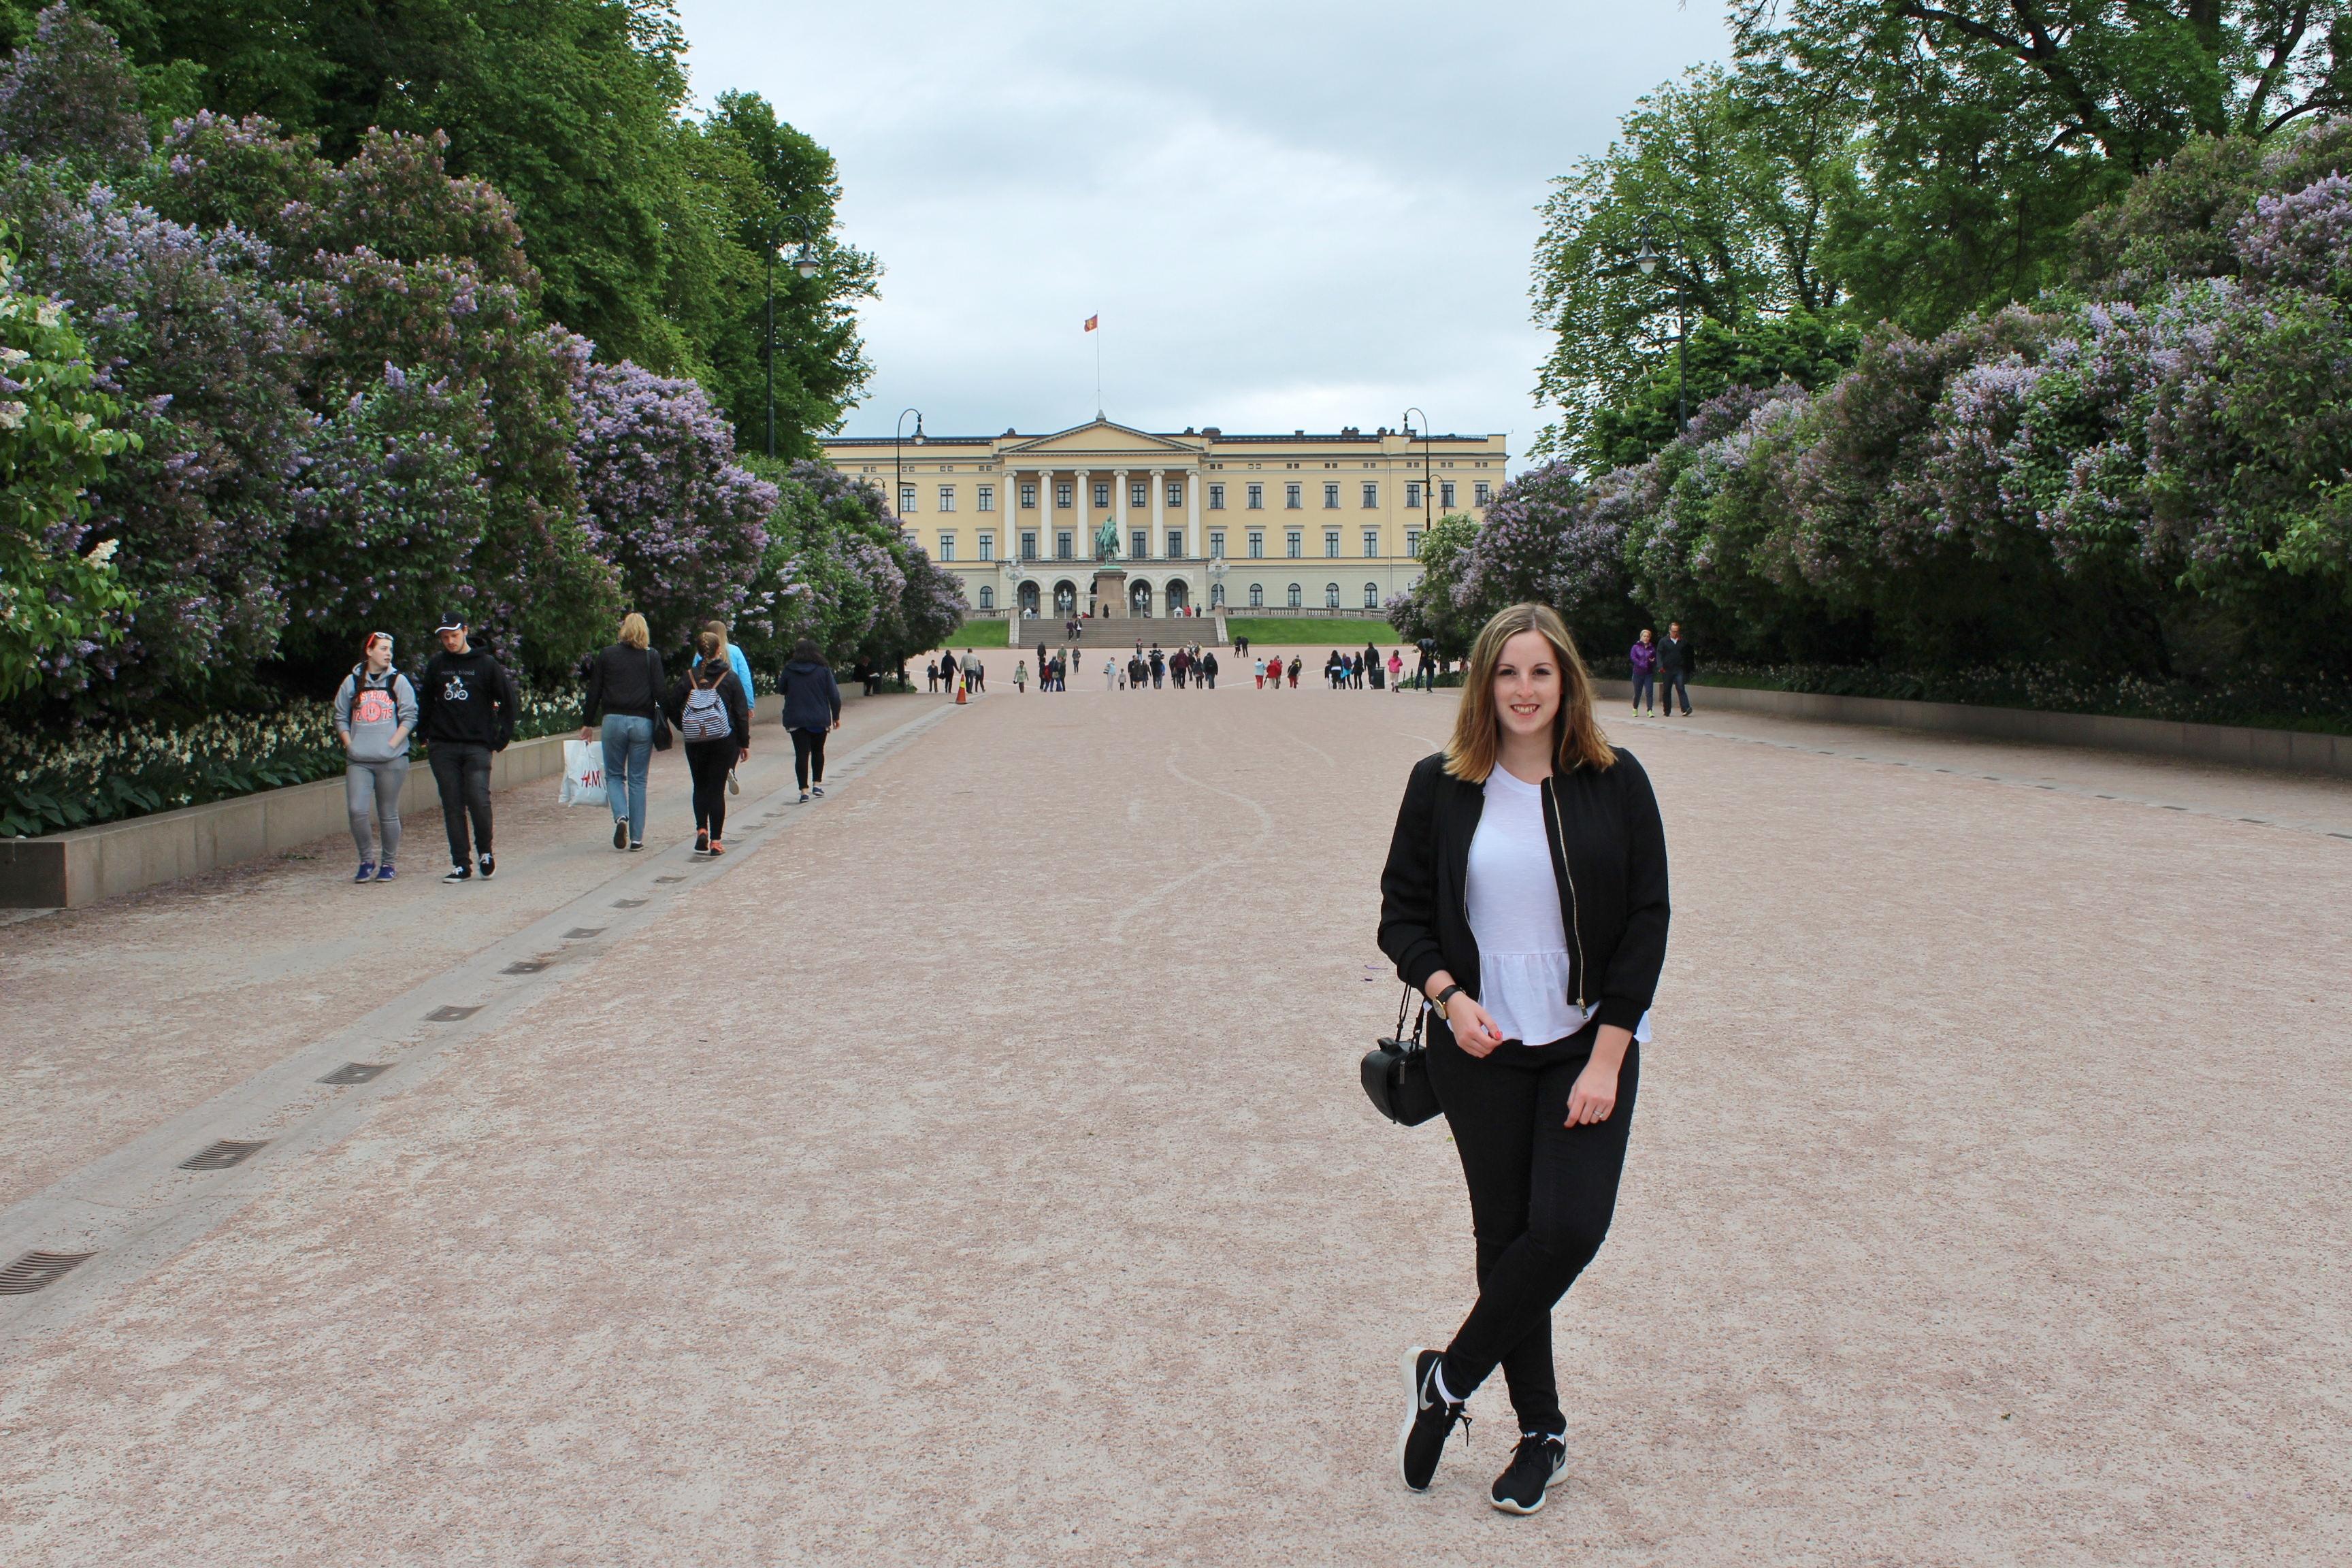 Bee Royal Palace Oslo